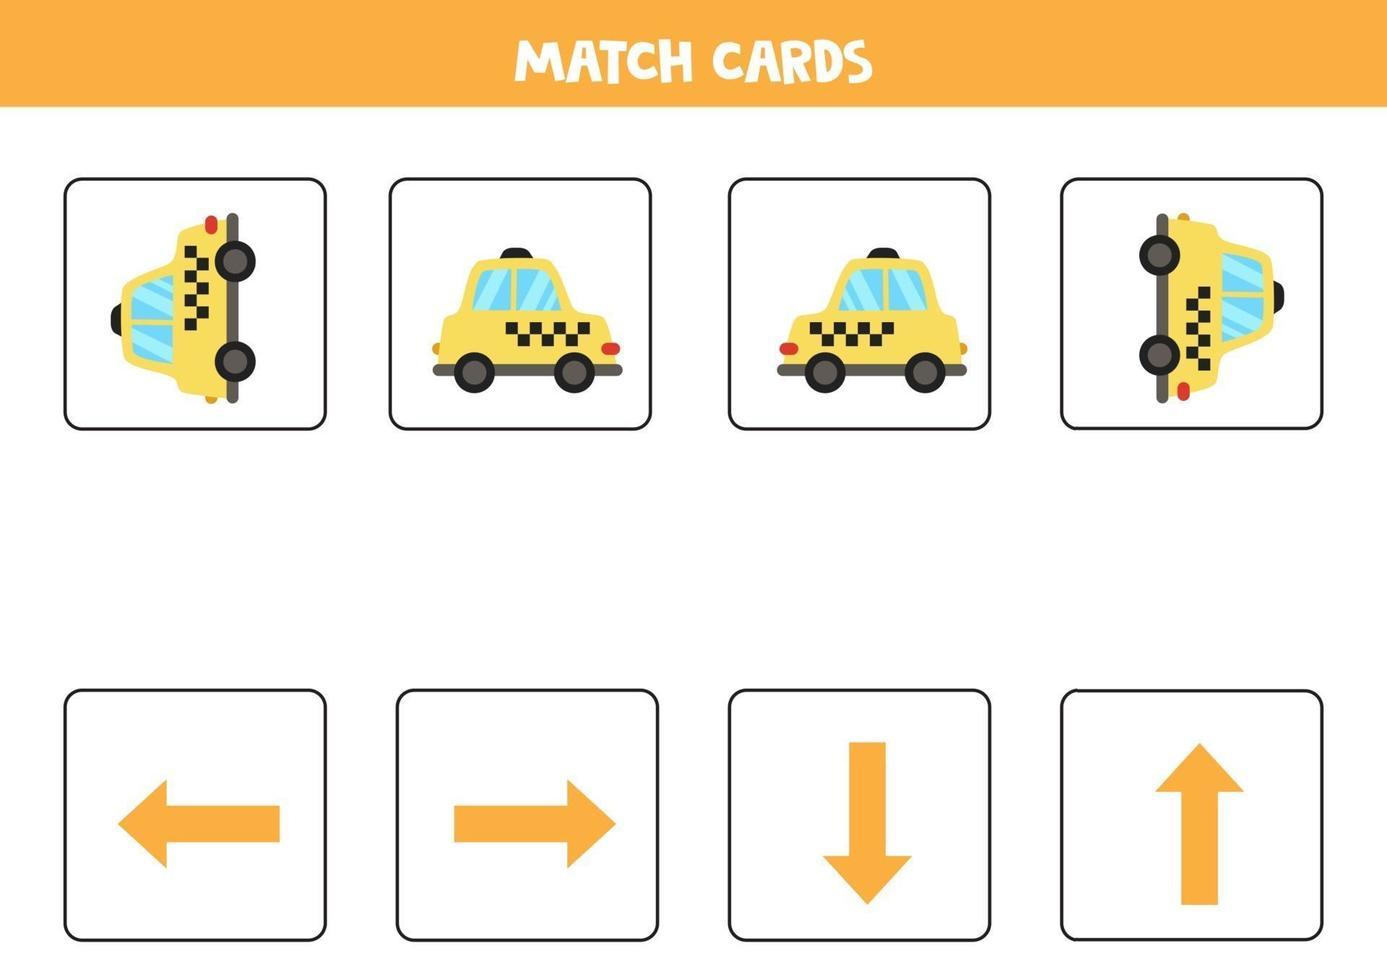 sinistra, destra, su o giù. orientamento spaziale con taxi dei cartoni animati. vettore